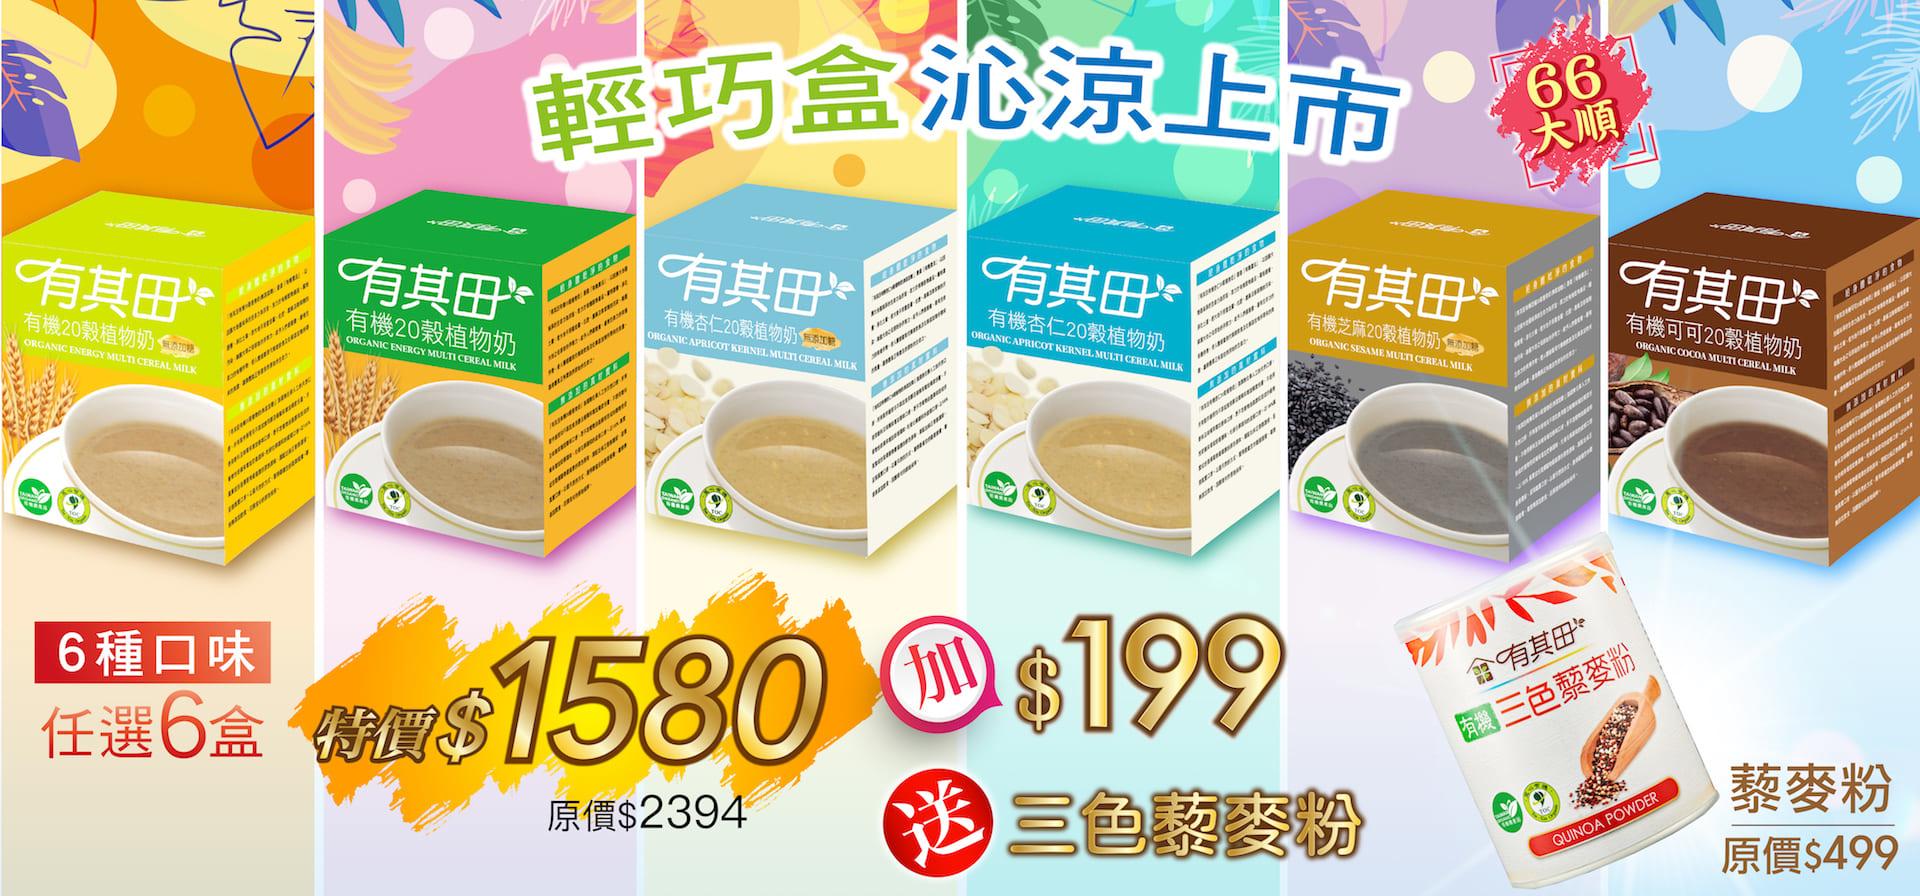 輕巧盒任選6入,加$199元送藜麥